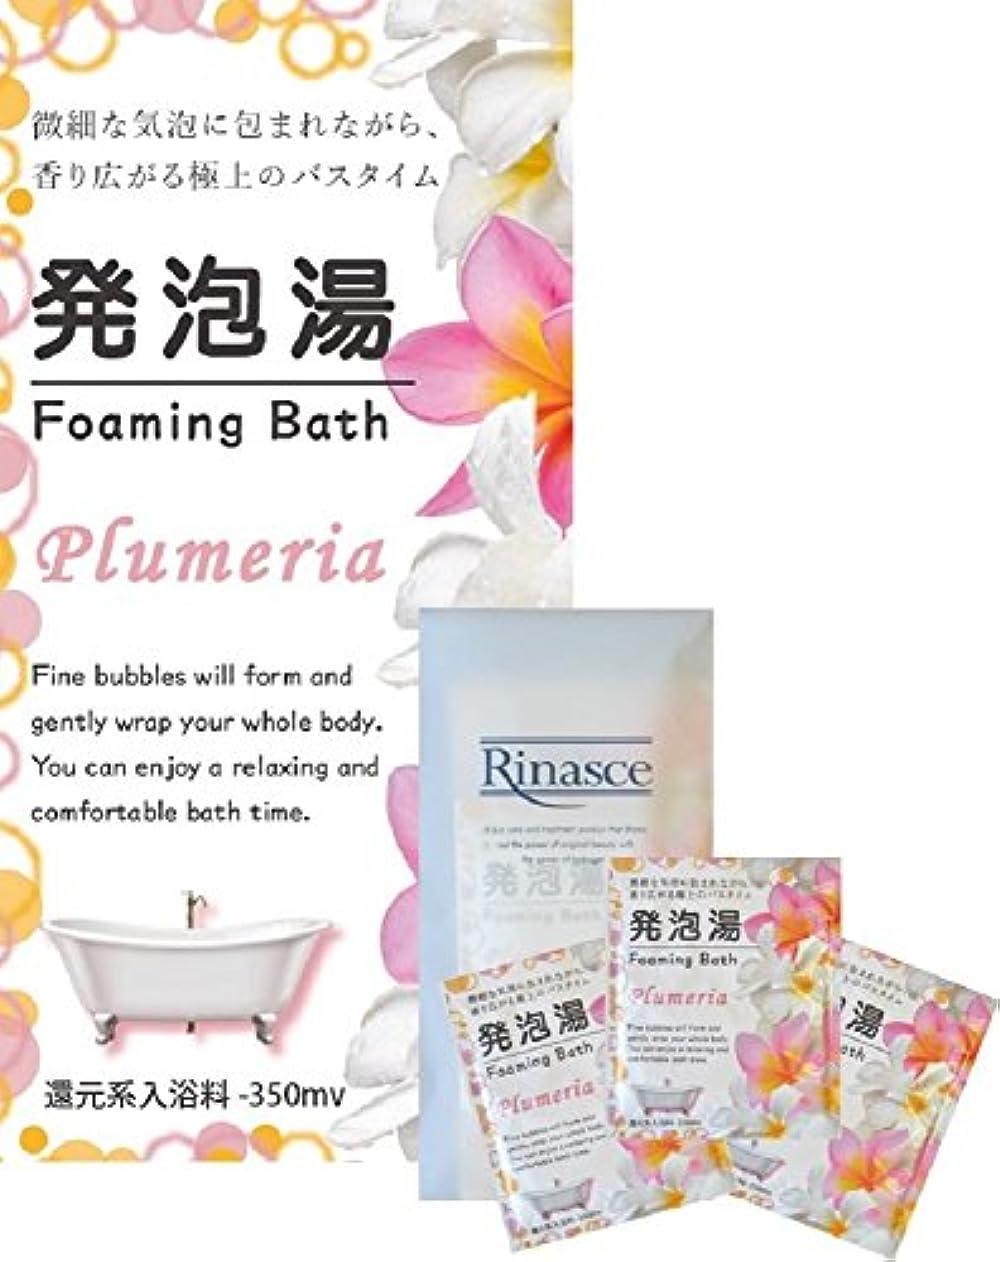 カスタム免疫課す【ゆうメール対象】発泡湯(はっぽうとう) Foaming Bath Plumeria プルメリア 40g 3包セット/微細な気泡に包まれながら香り広がる極上のバスタイム